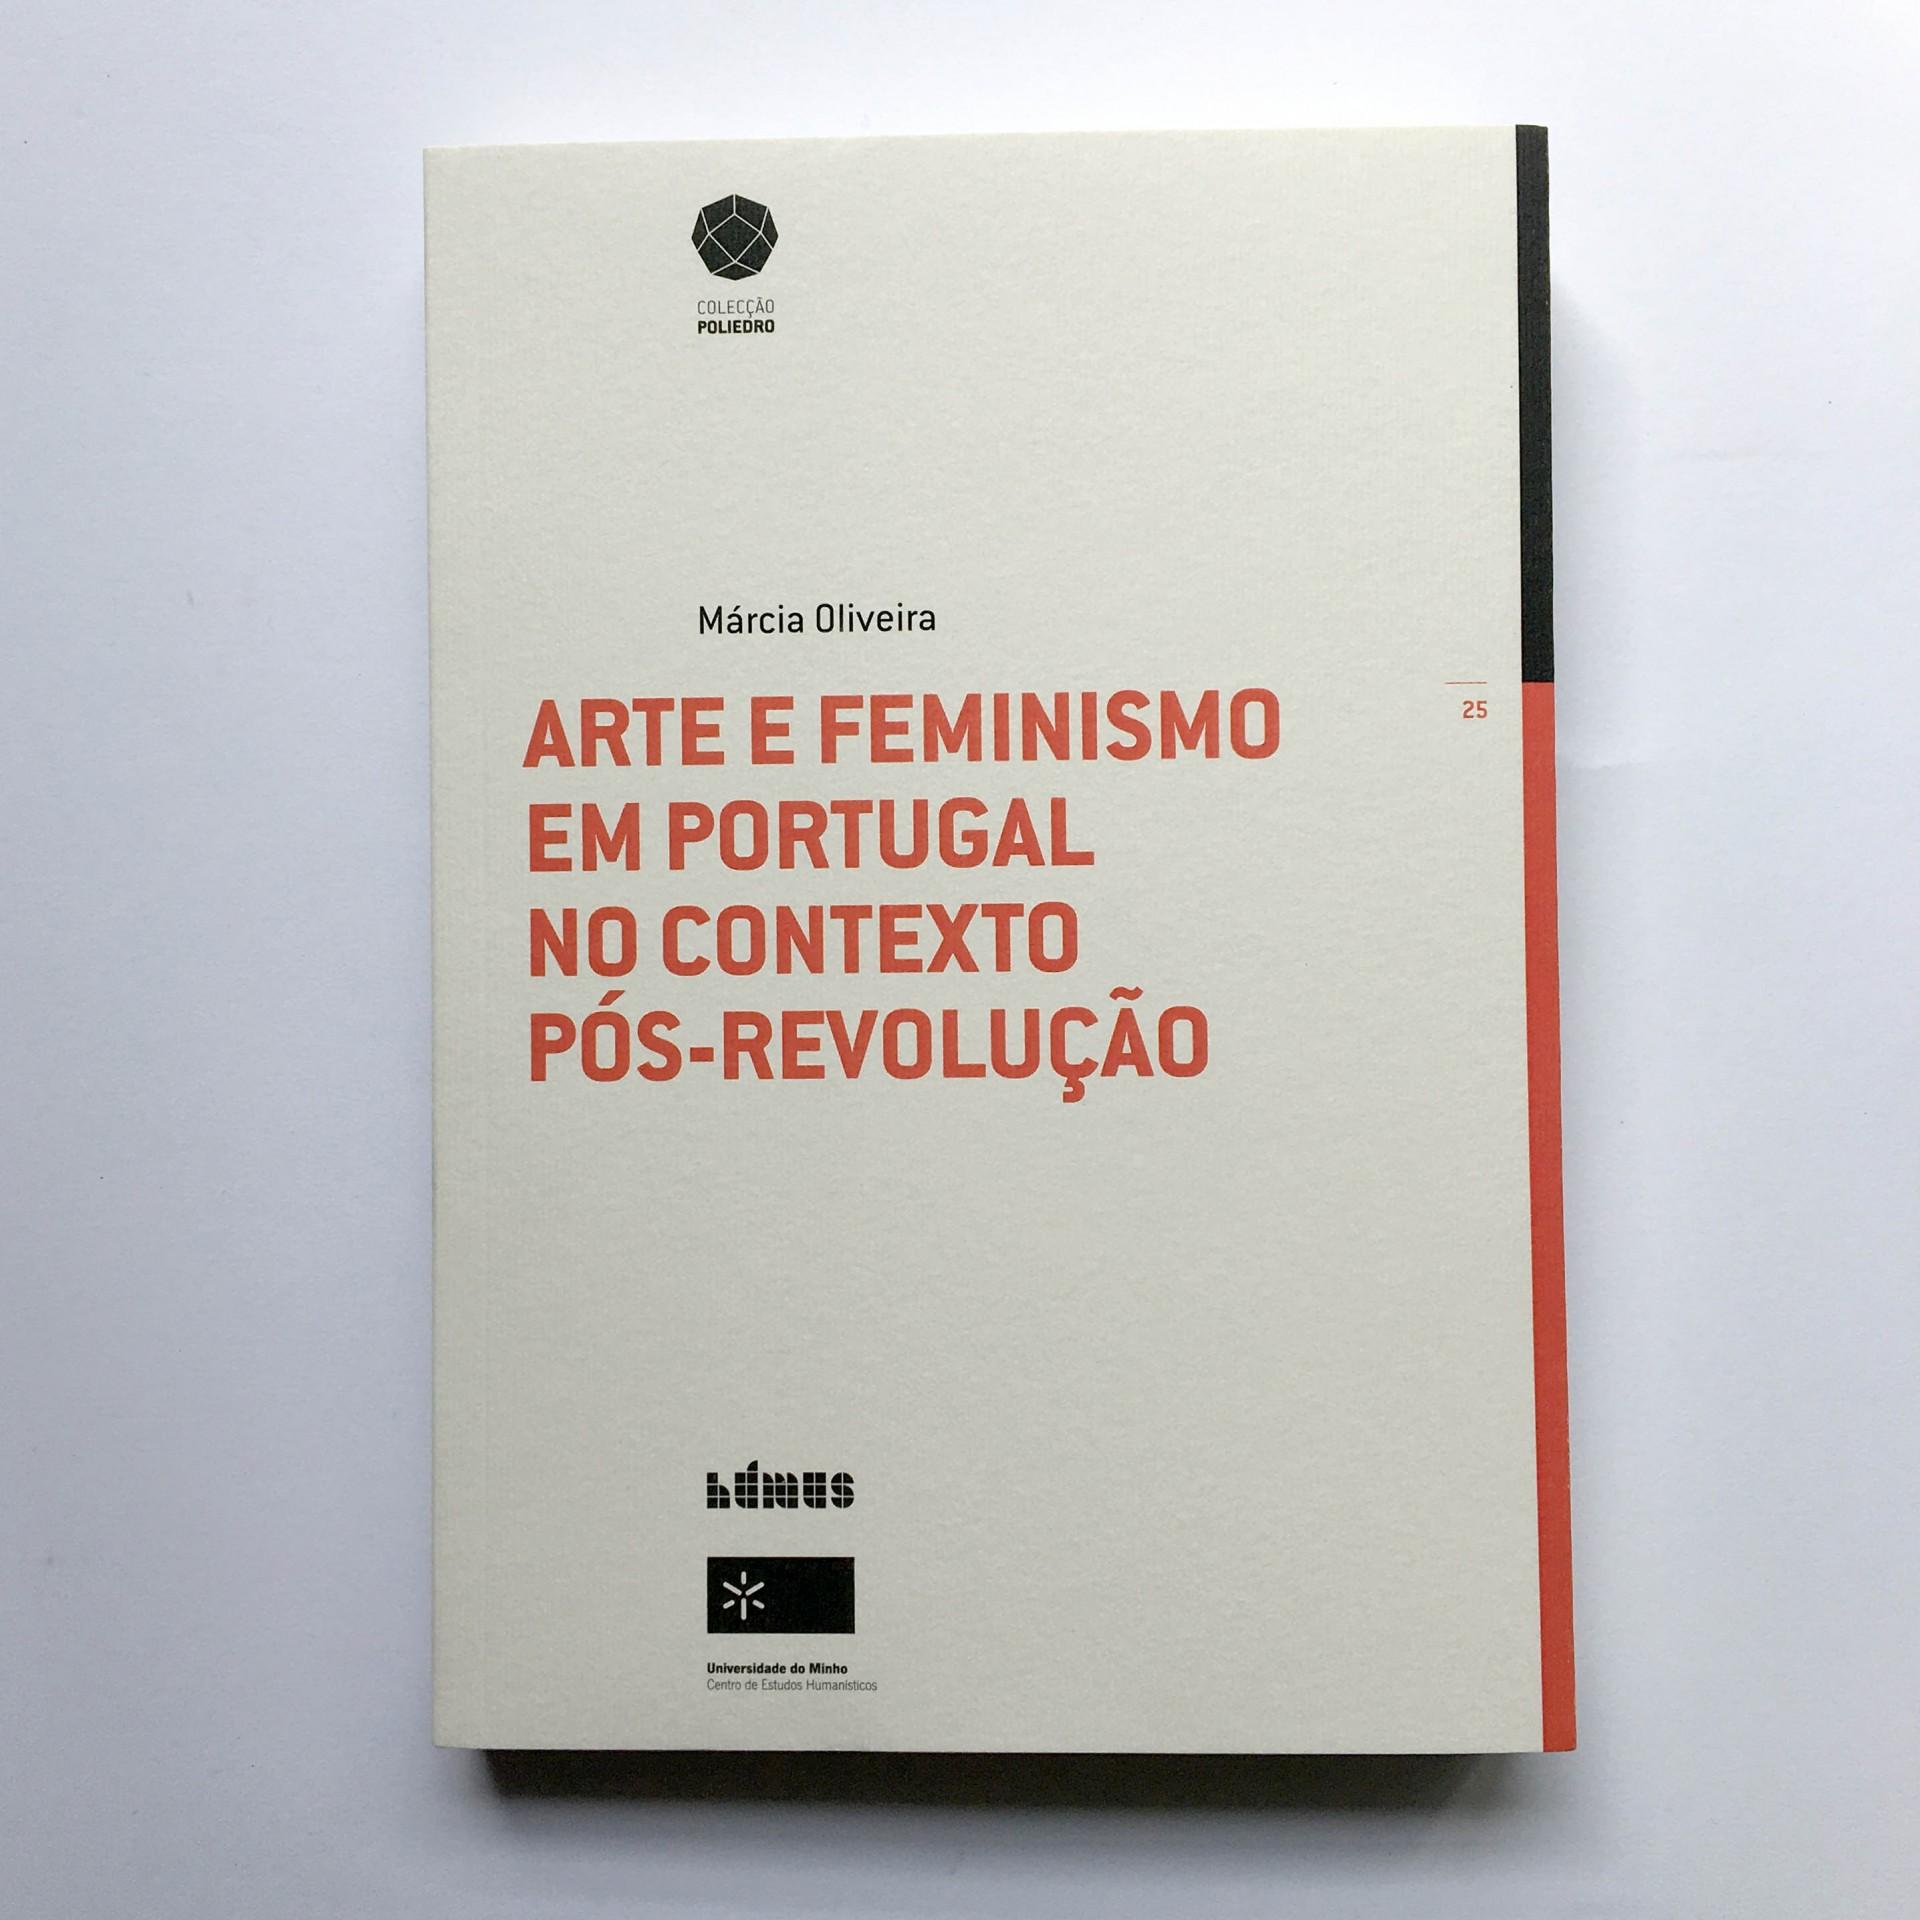 Arte e Feminismo em Portugal no Contexto Pós-Revolução